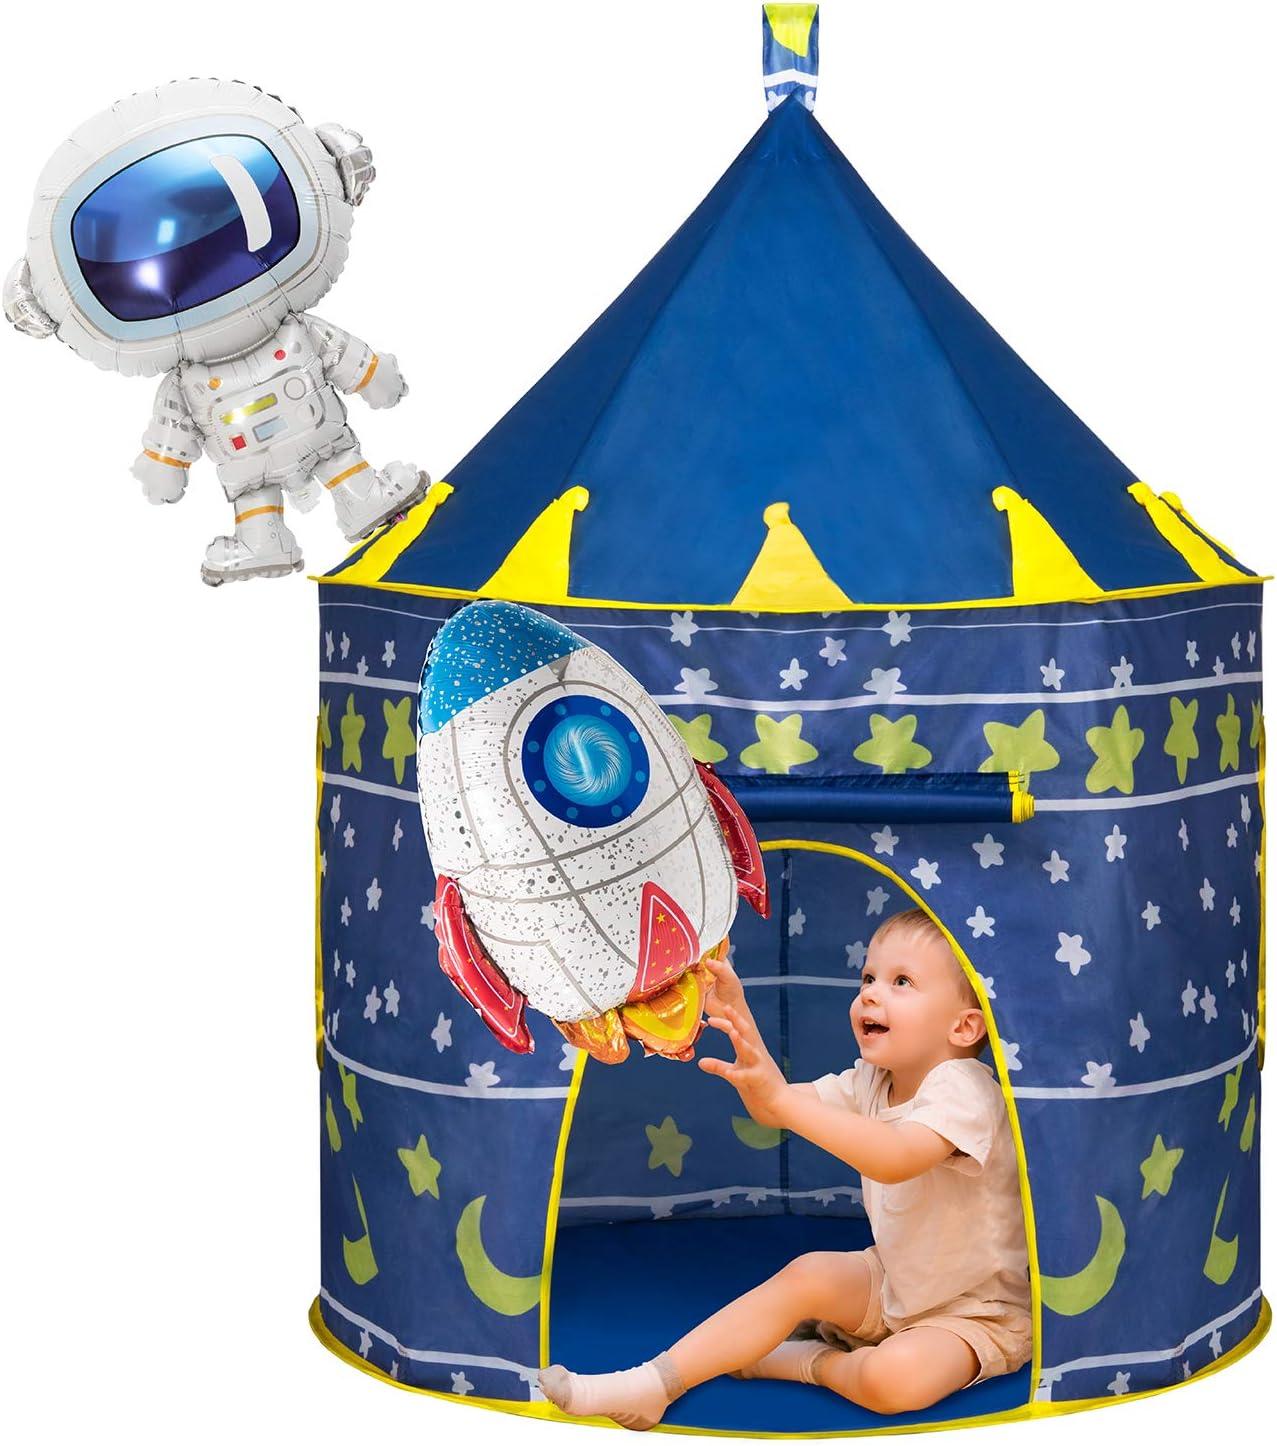 Joyjoz Tienda para Niños con Dos Globos, Carpa Espacial Pop Up de Casa Plegable, Juguetes de Castillo para Juegos de Interiores y Exteriores